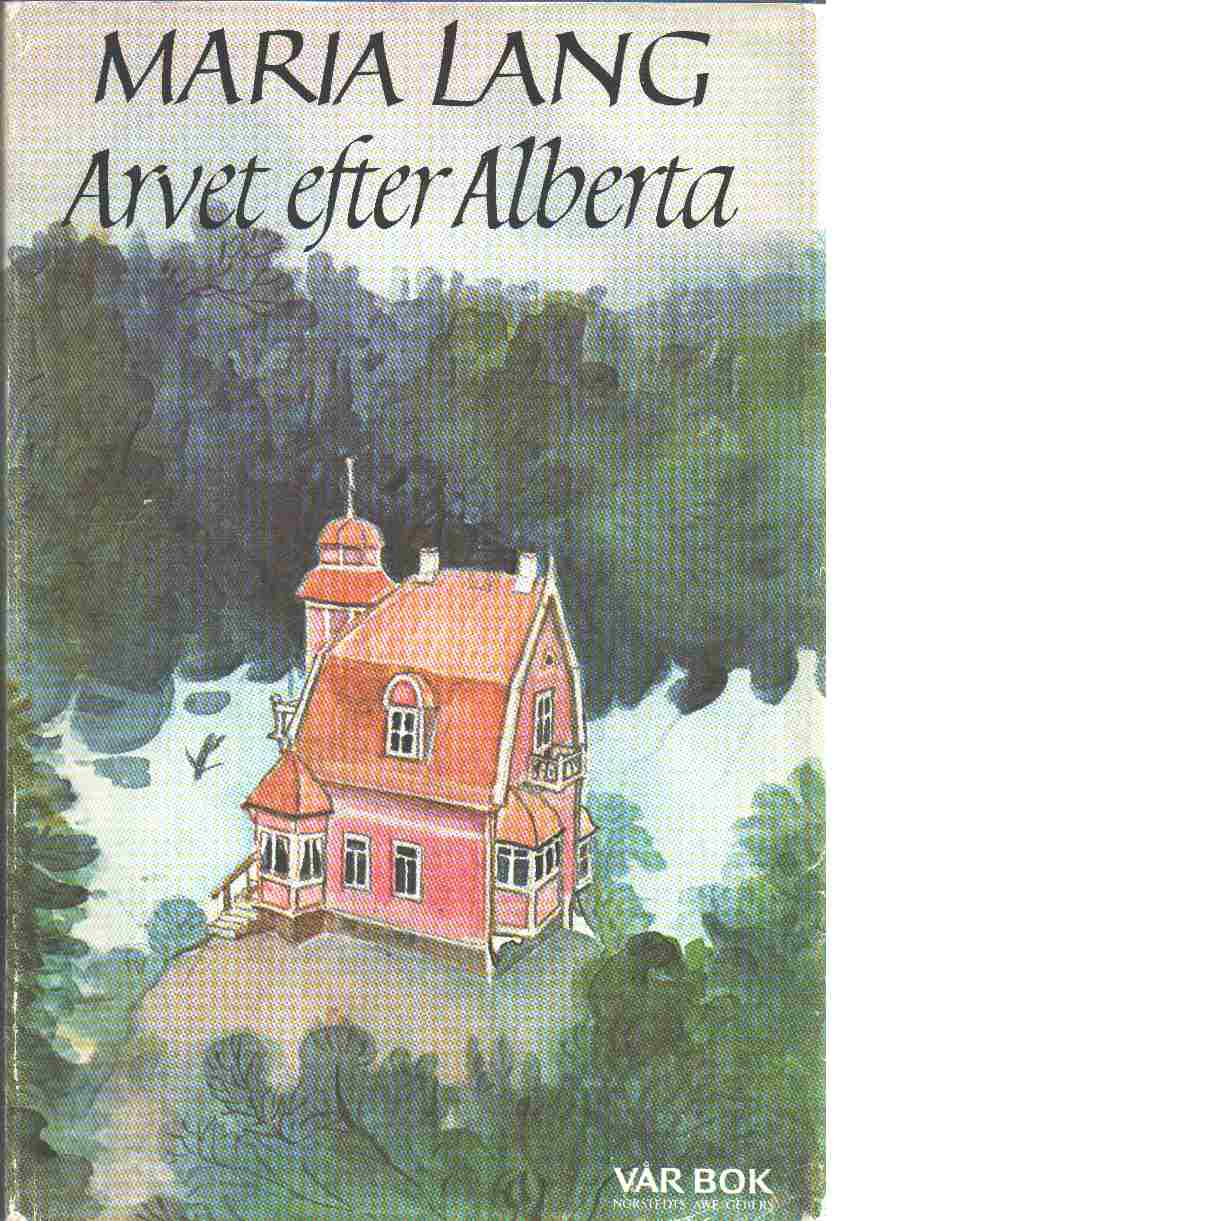 Arvet efter Alberta - Lang, Maria